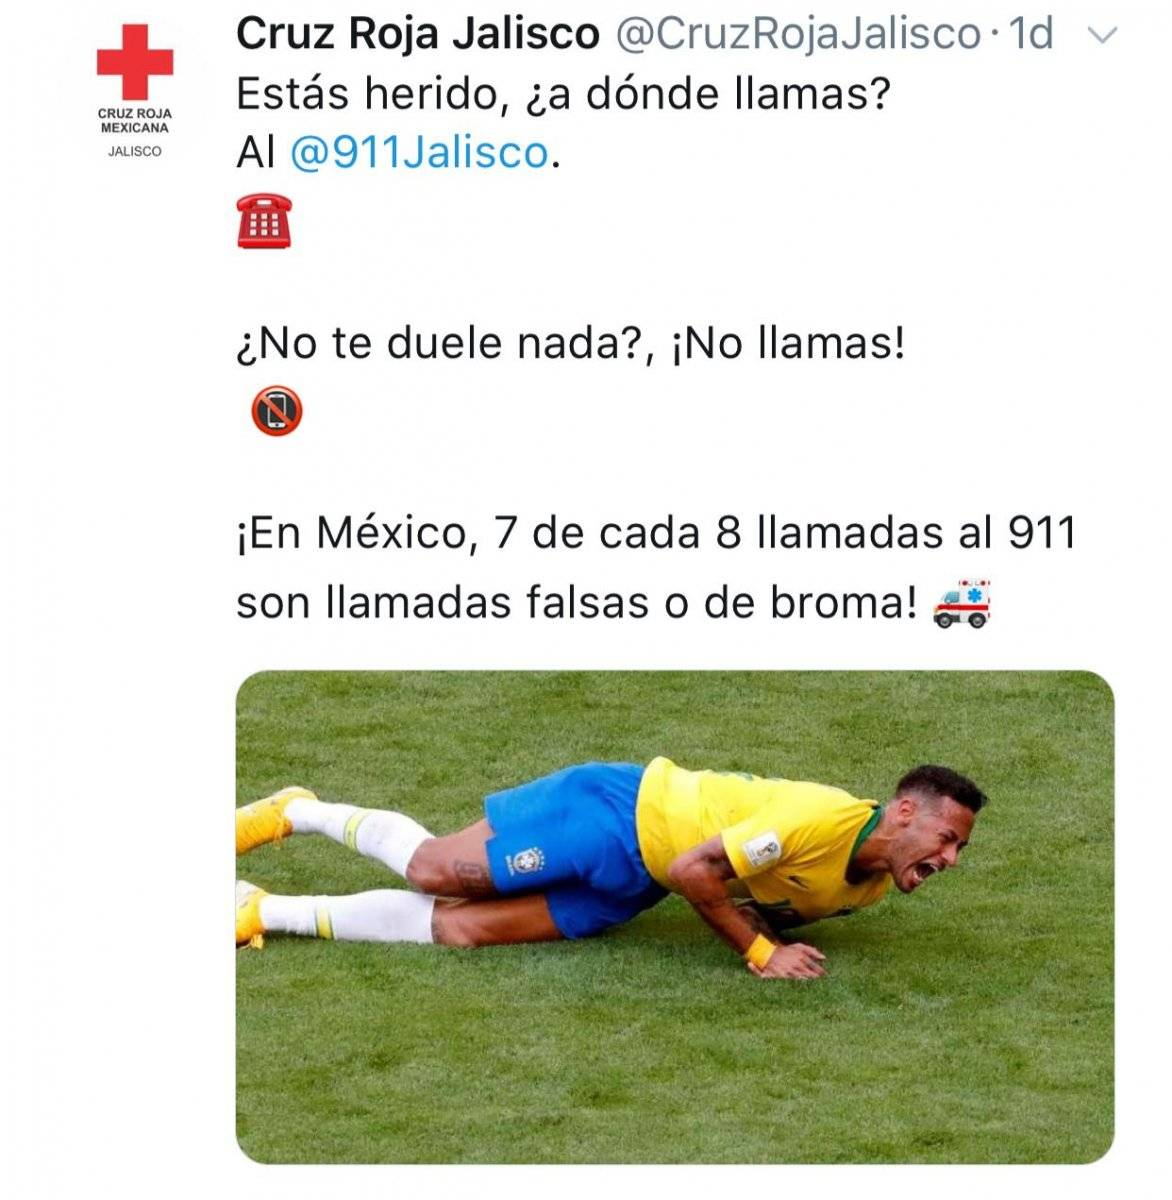 Rusia 2018: En México se burlaron de Neymar tras la eliminación de Brasil